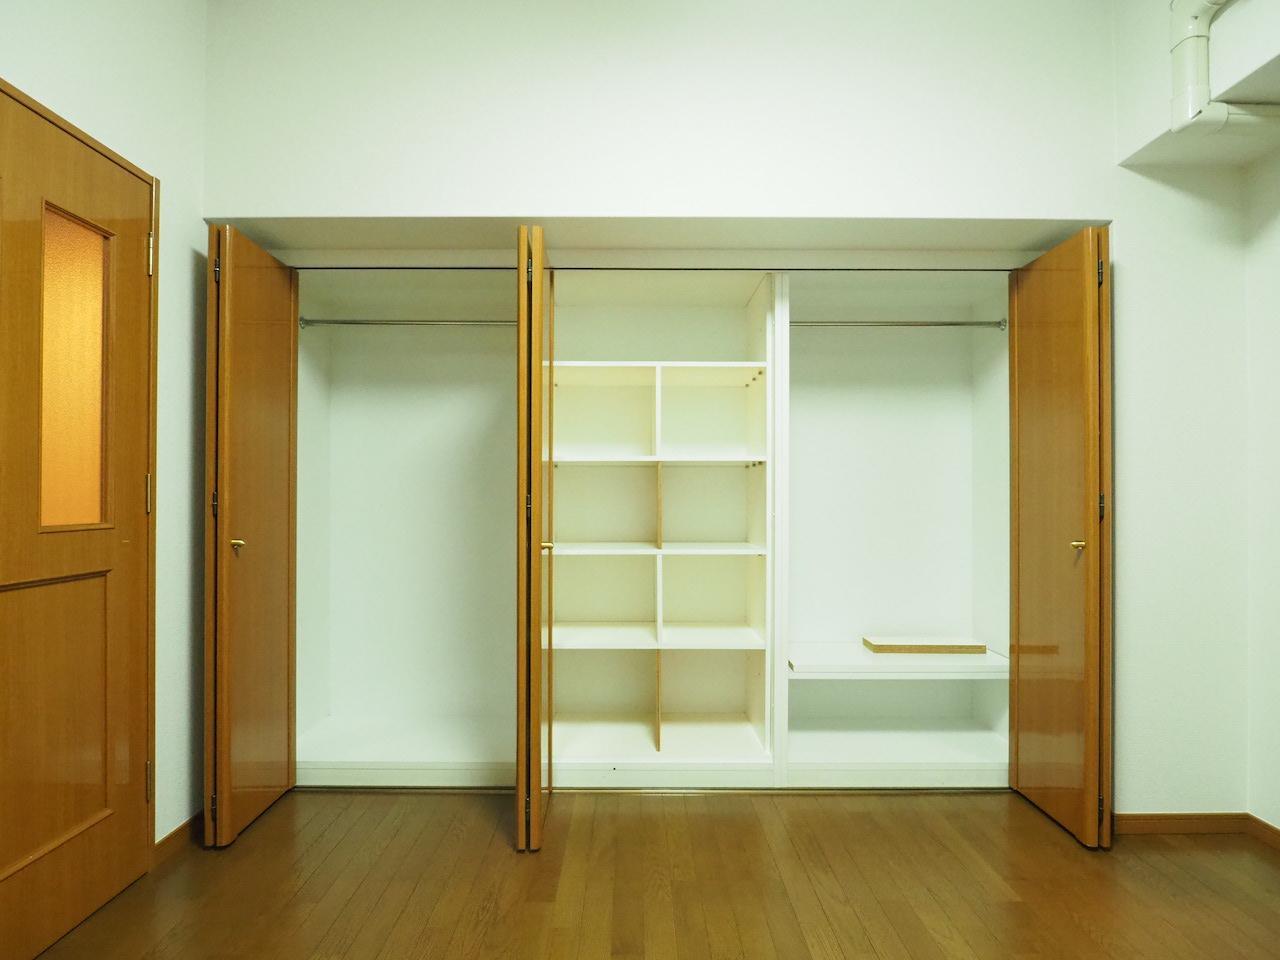 収納も大きめで中に棚もあります。